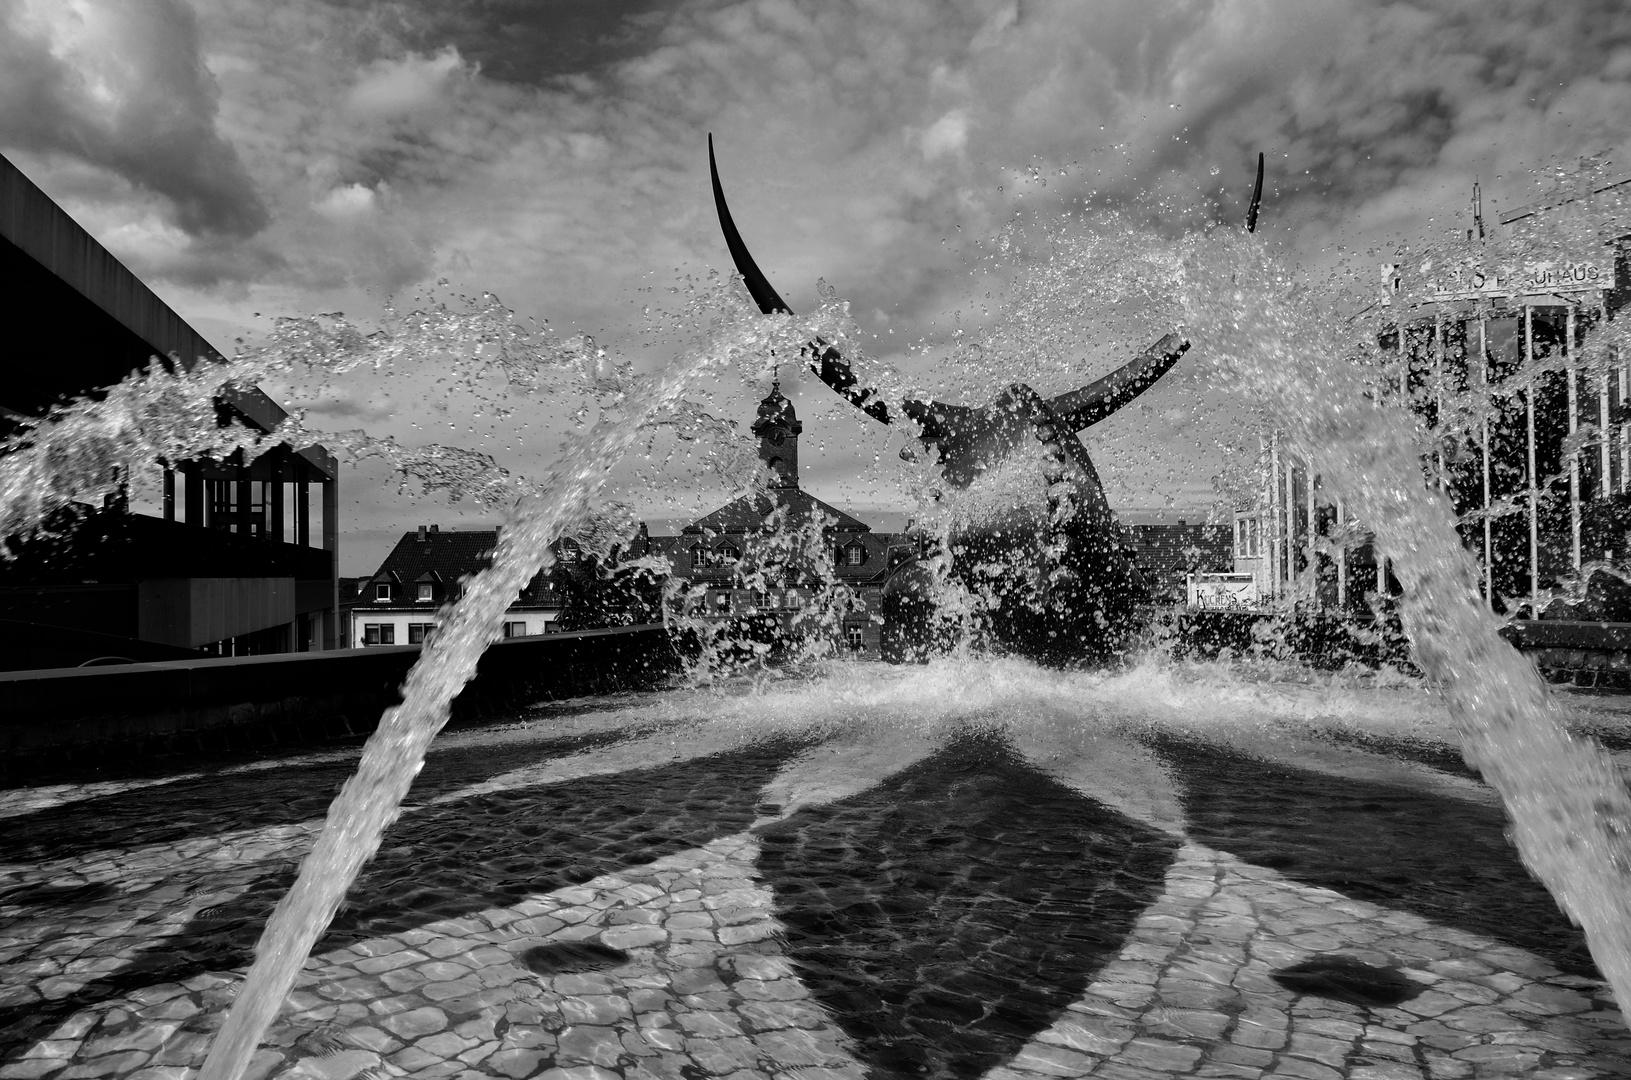 Wasserspiele in PS, Schlossbrunnen